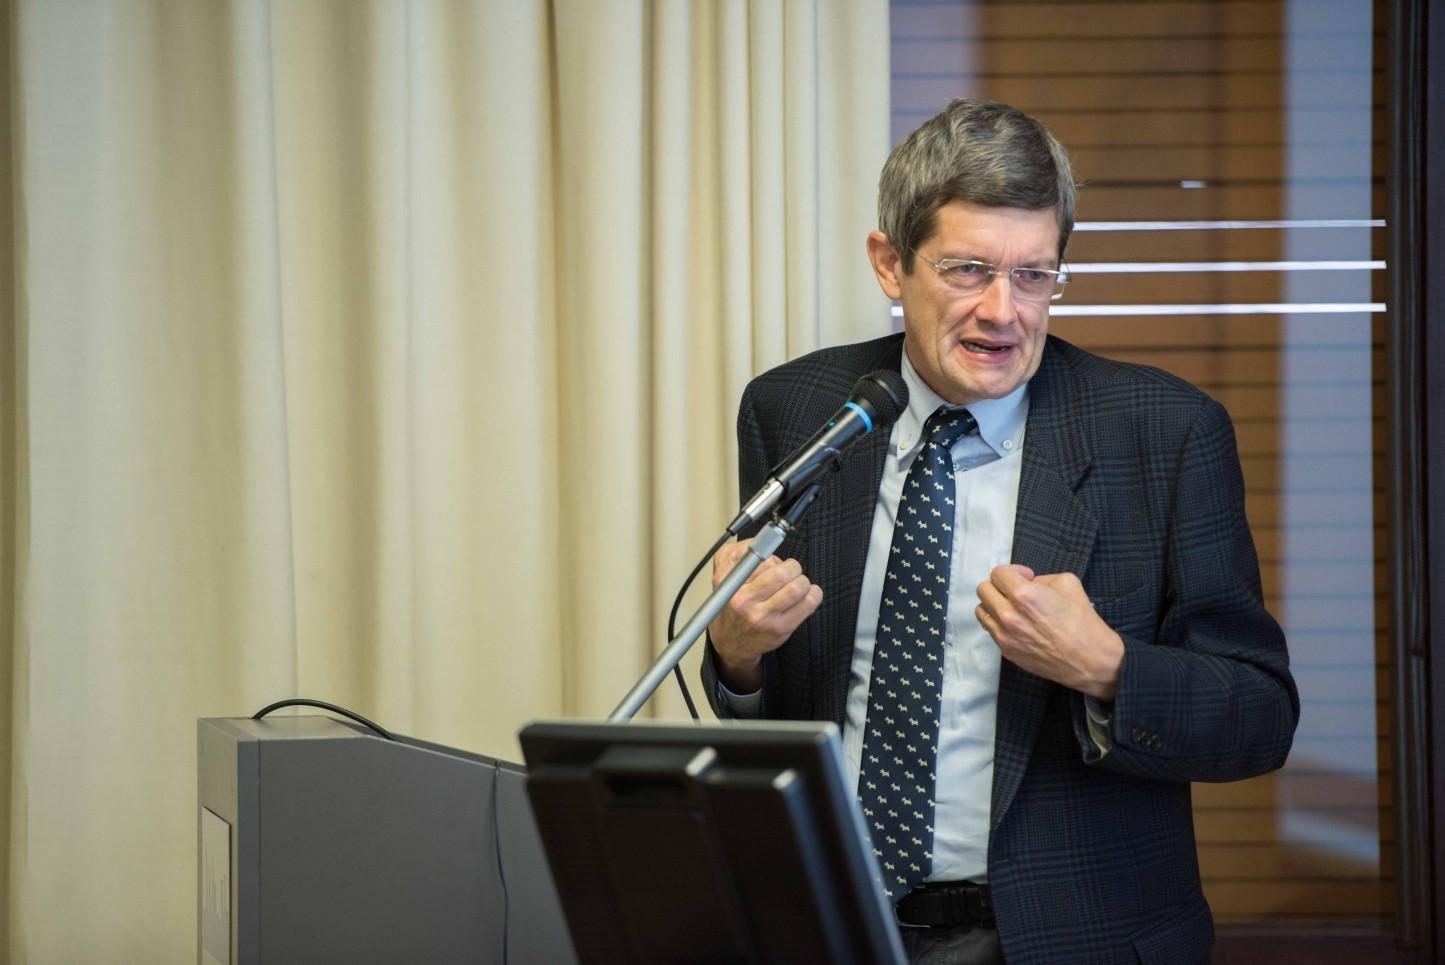 21.11.2015 - Bergamo, Convegno Vaccinazioni in età pediatrica - Giorgio Barbaglio porta i saluti della ASL di Bergamo